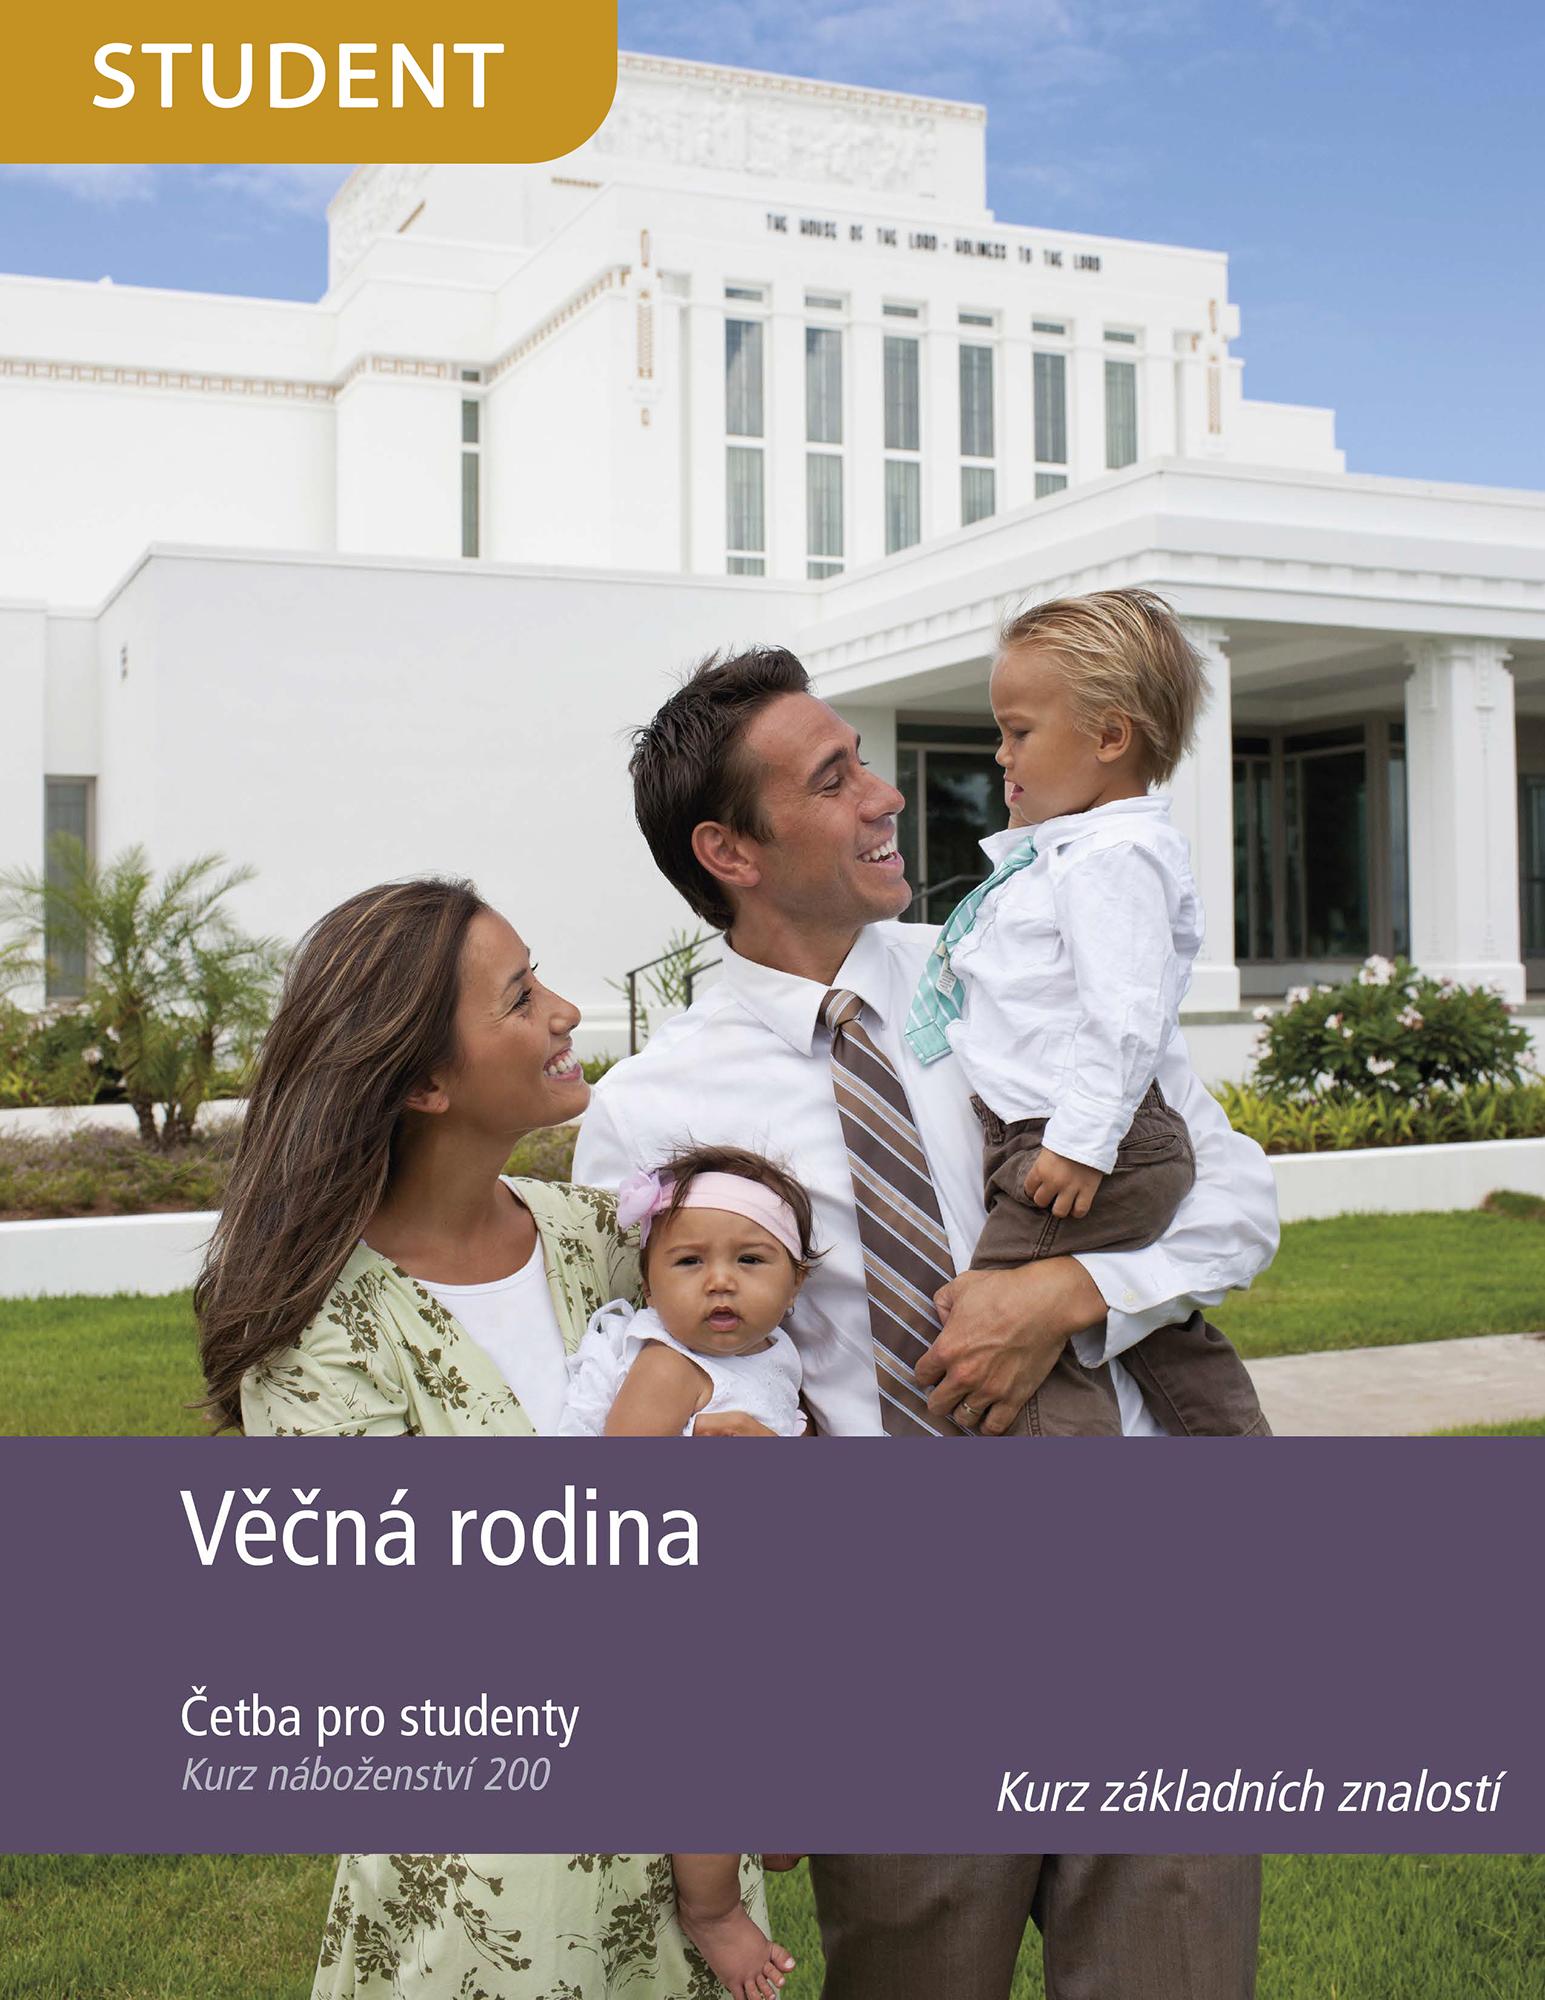 Věčná rodina – četba pro studenty (Kurz 200)